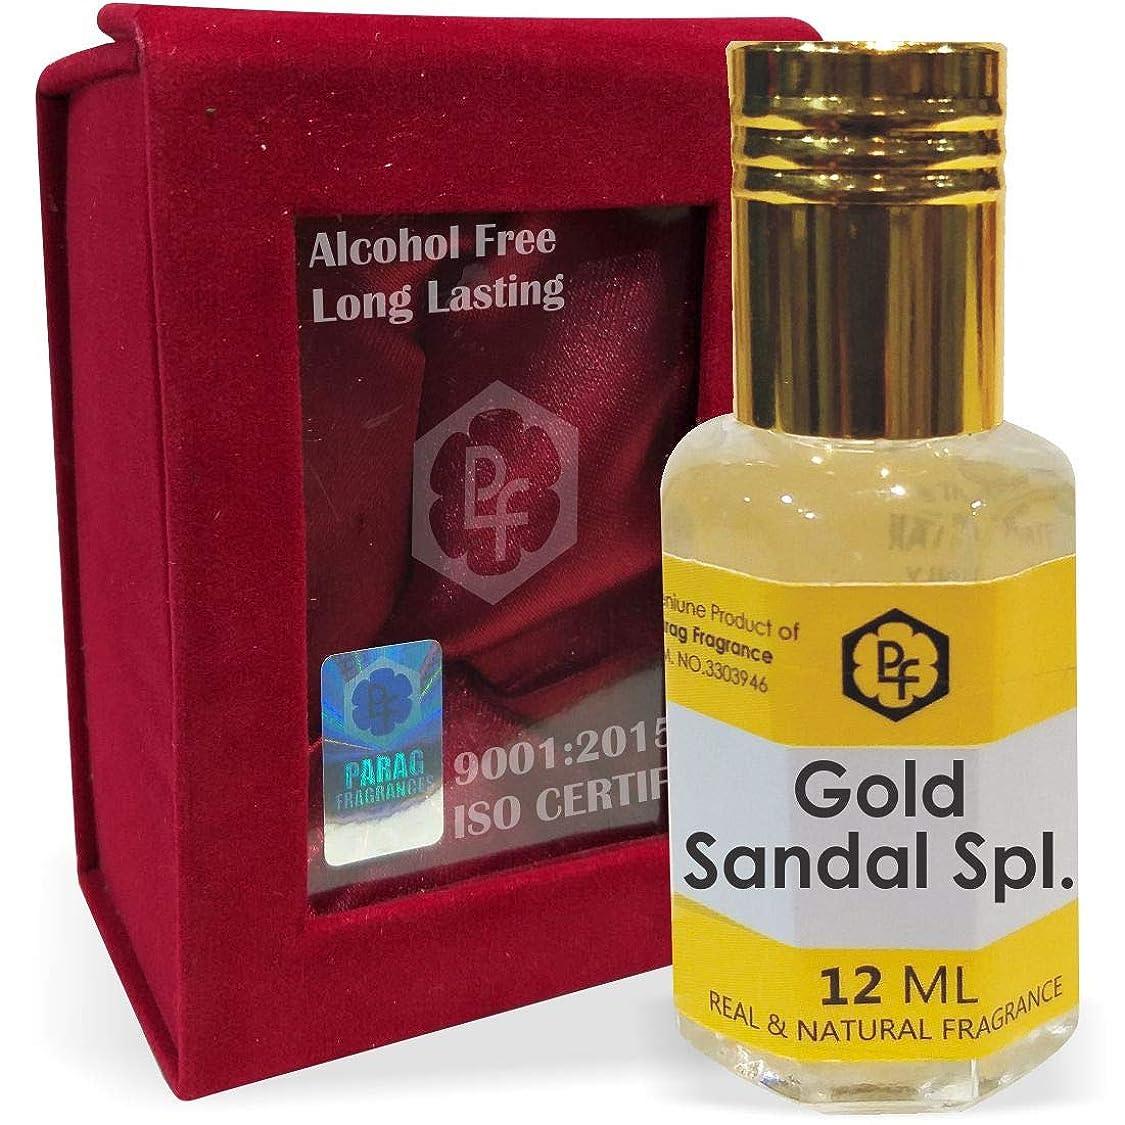 次実際刻むParagフレグランスゴールドサンダルSplから。手作りのベルベットボックス12ミリリットルアター/香油/(インドの伝統的なBhapka処理方法により、インド製)フレグランスオイル|アターITRA最高の品質長持ち